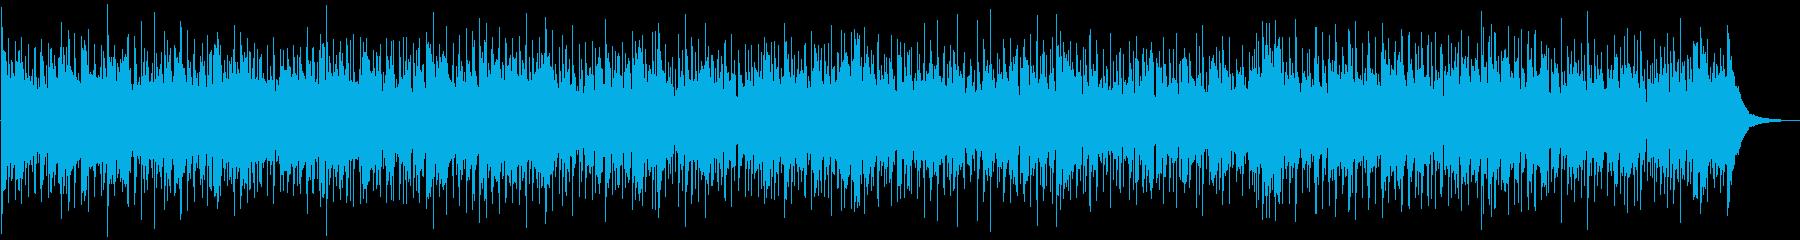 アコギで軽快なリズムのBGMの再生済みの波形